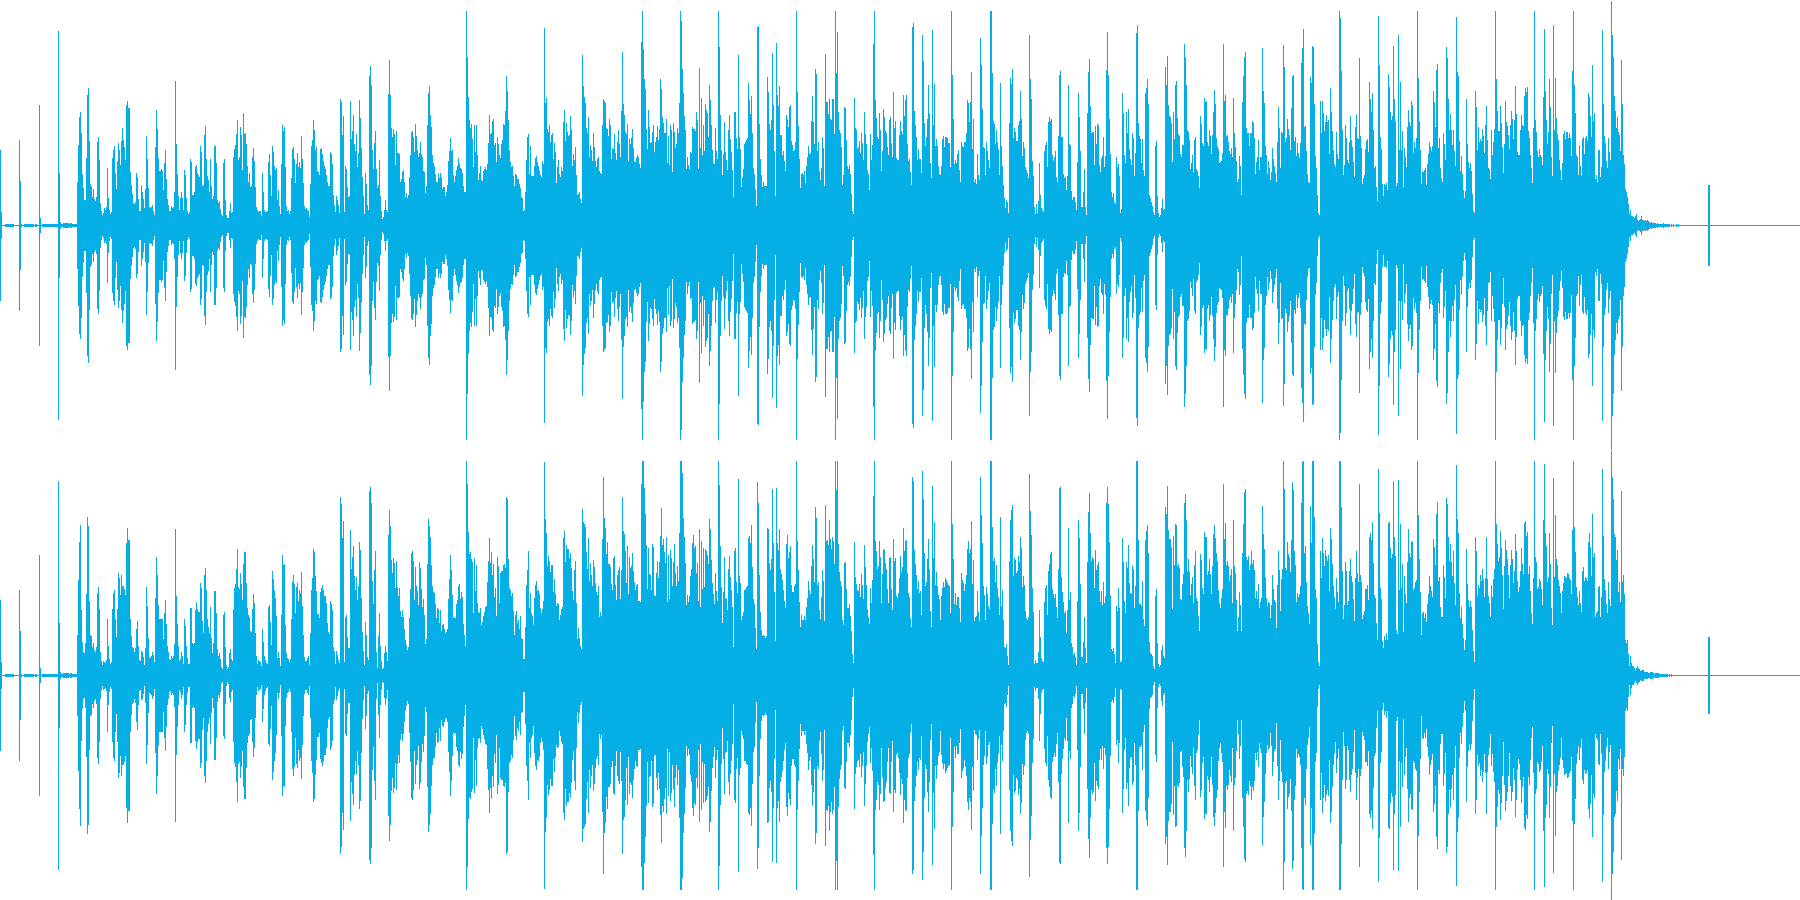 「ヨーデリング」効果のある高速ブレ...の再生済みの波形